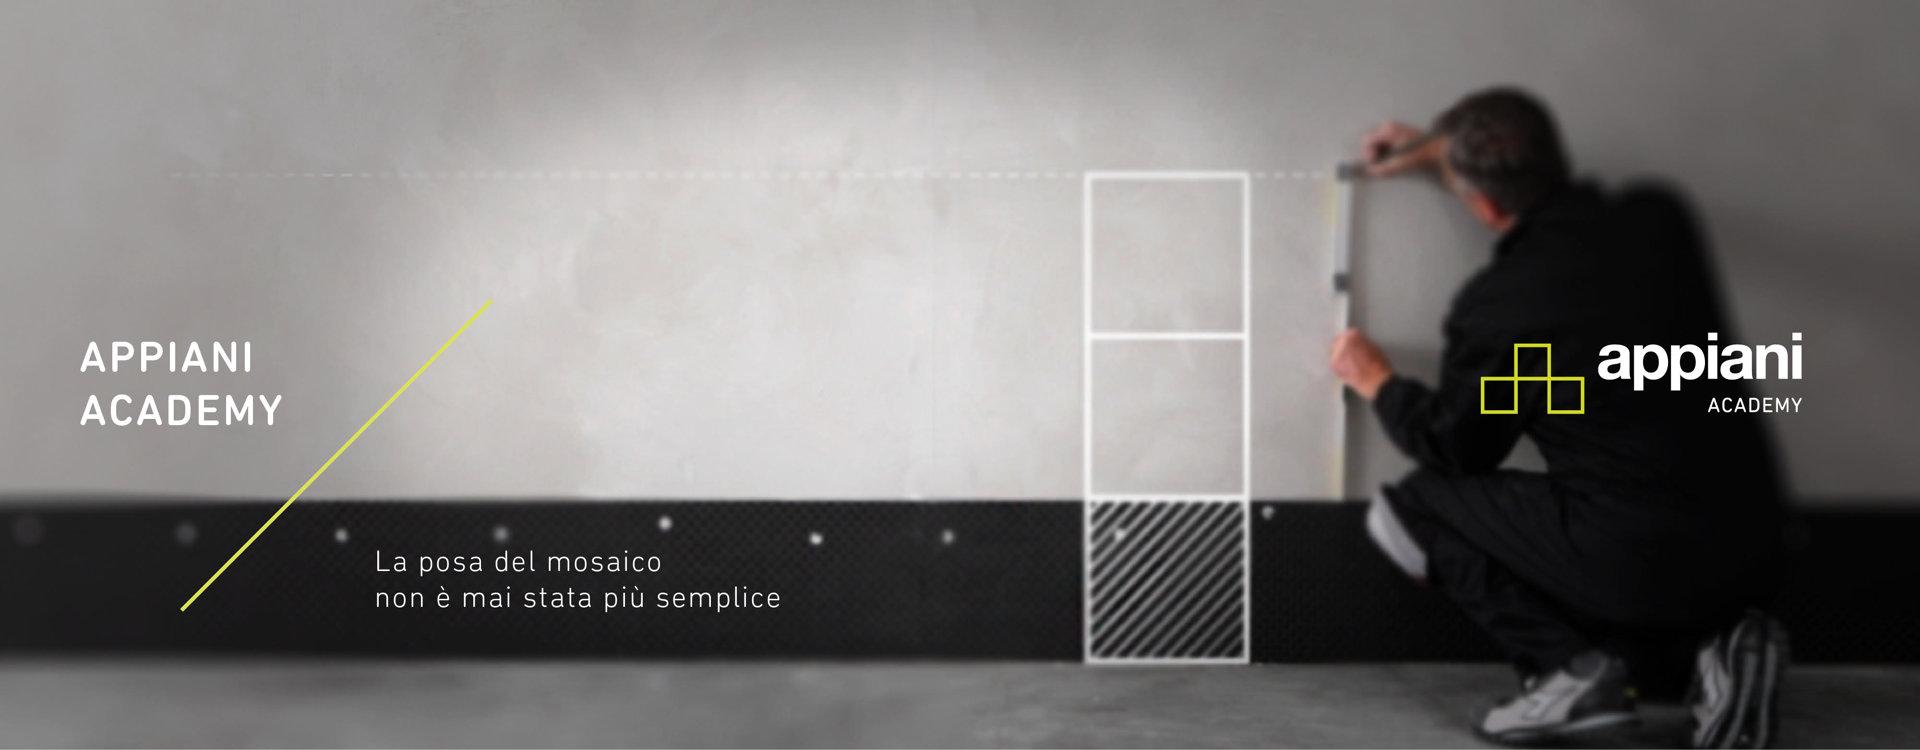 Appiani Academy, piattaforma eLearning per posare il mosaico ceramico.